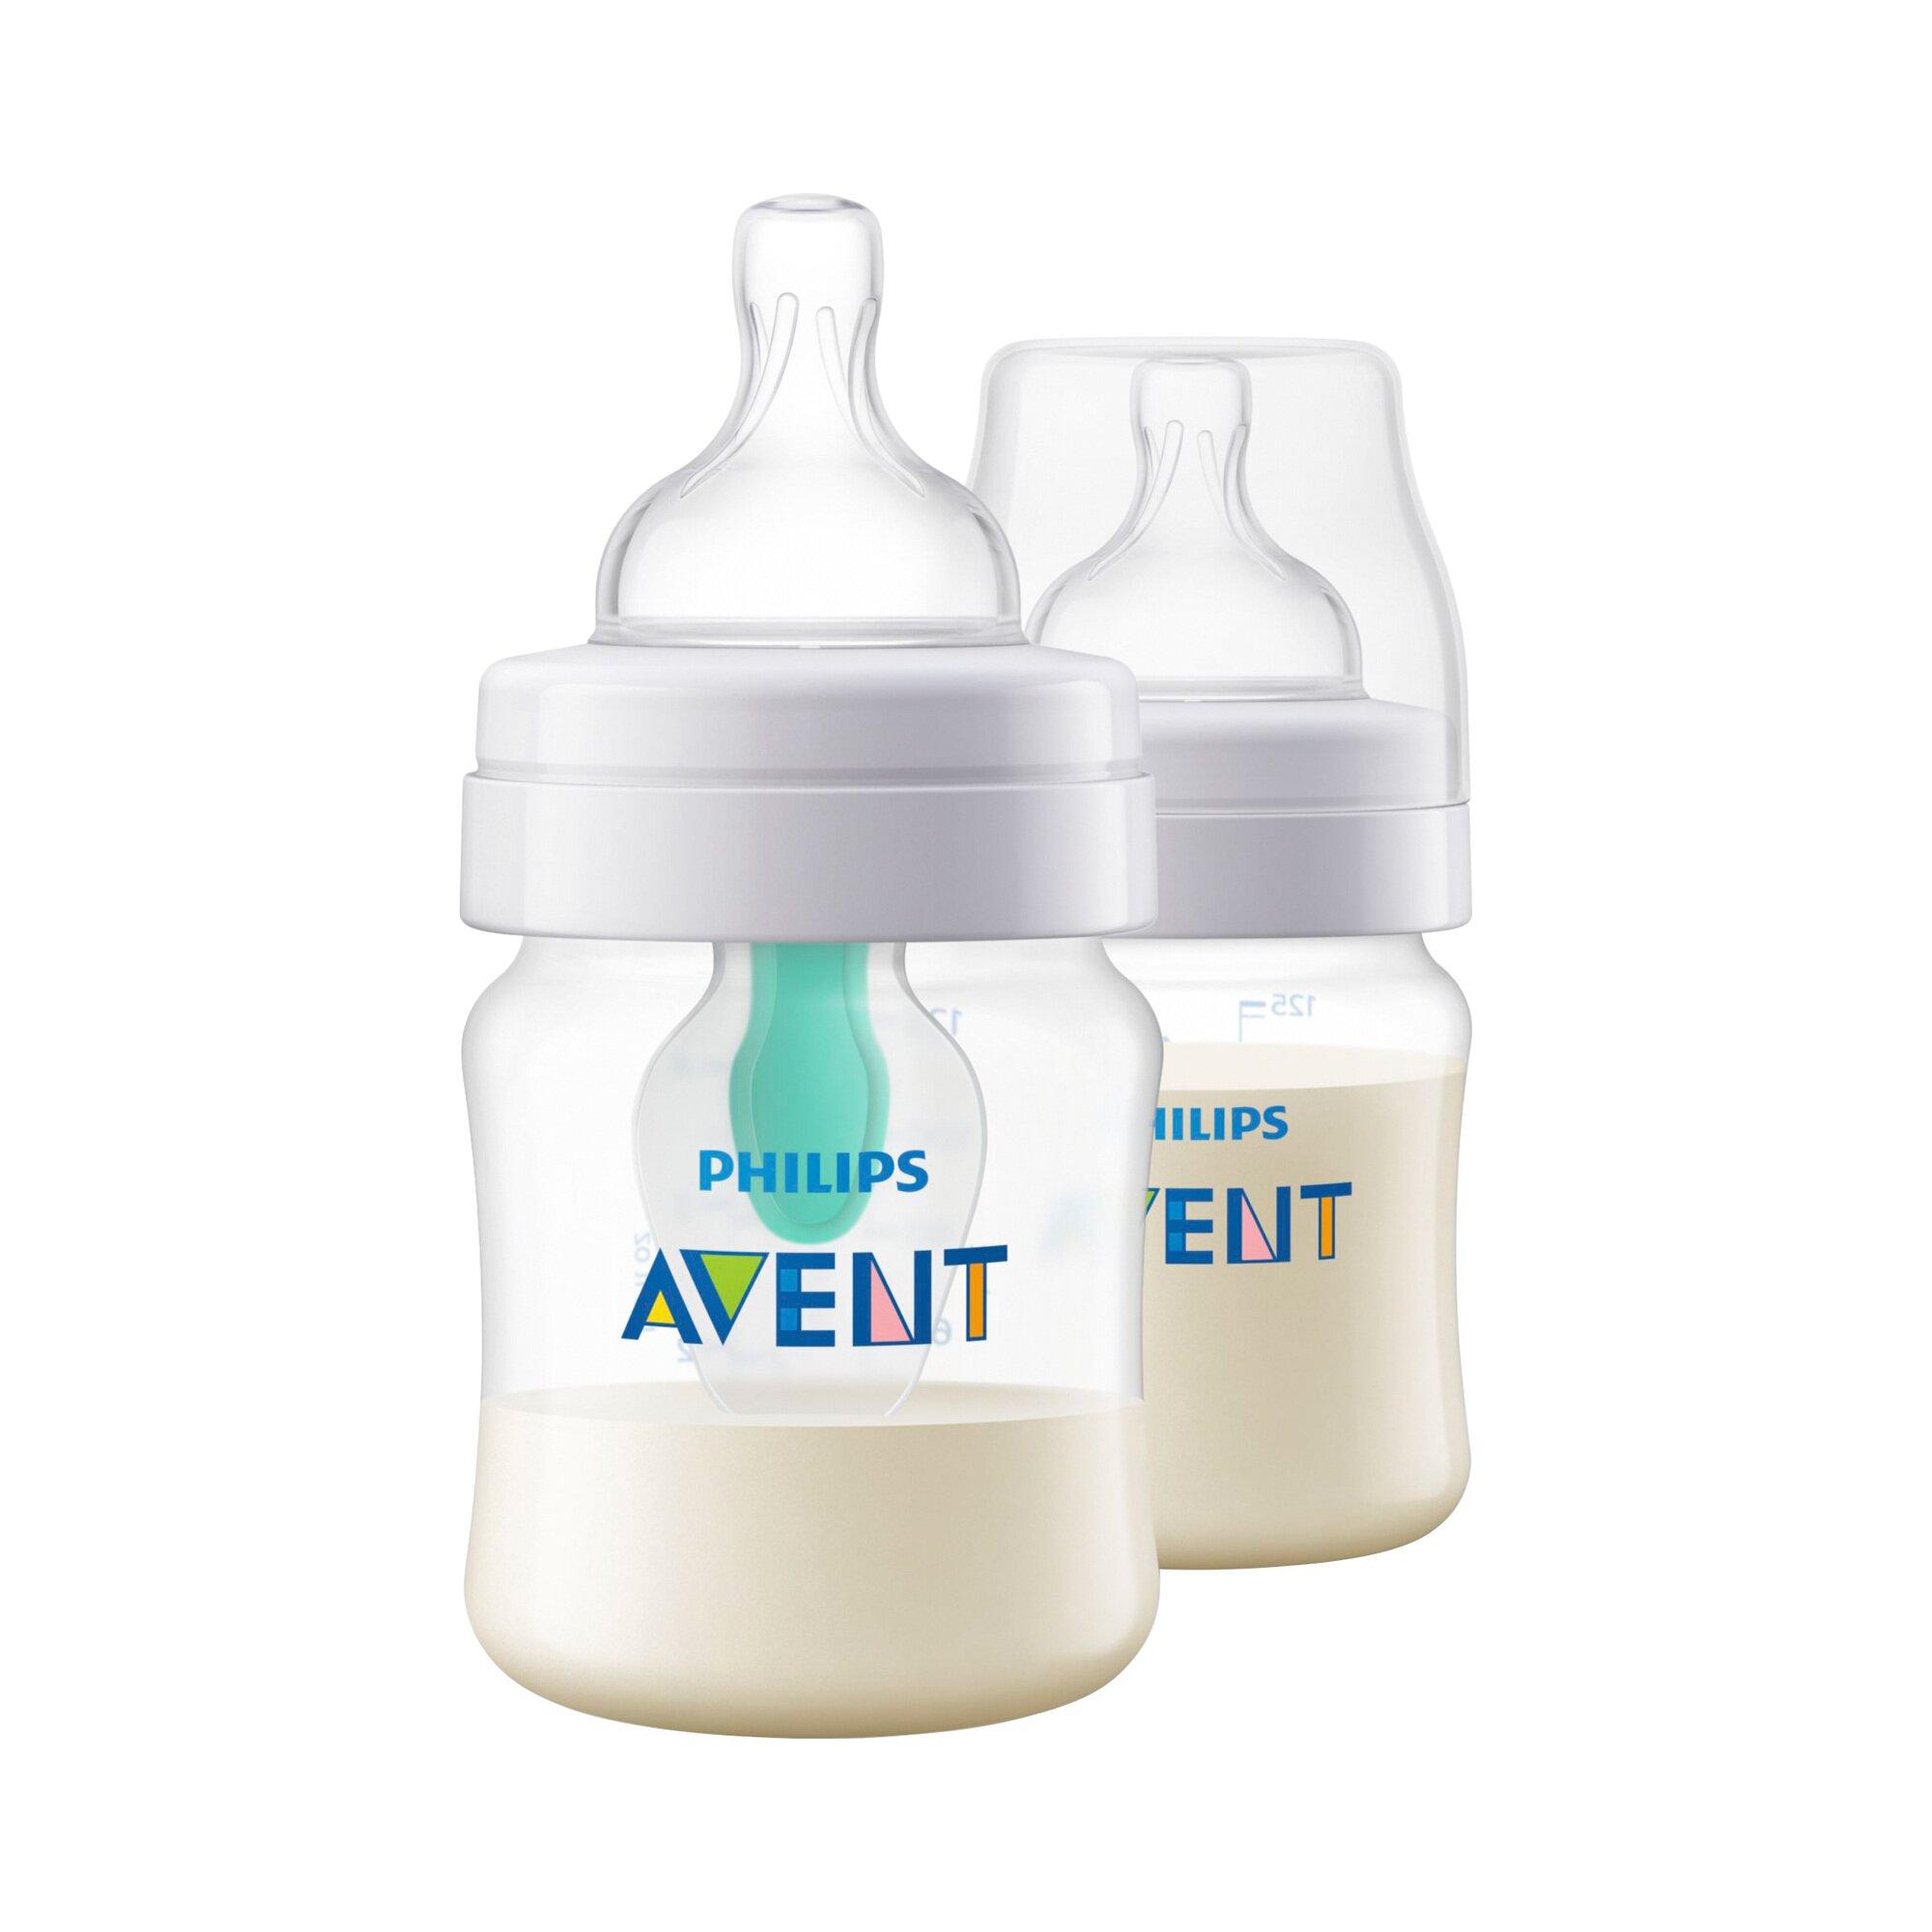 Philips Avent 2er-Pack Anti-Kolik-Weithals-Flasche Klassik+, SCF810/24, mit AirFree-Ventileinsatz, 125ml, Kunststoff, ab Geburt